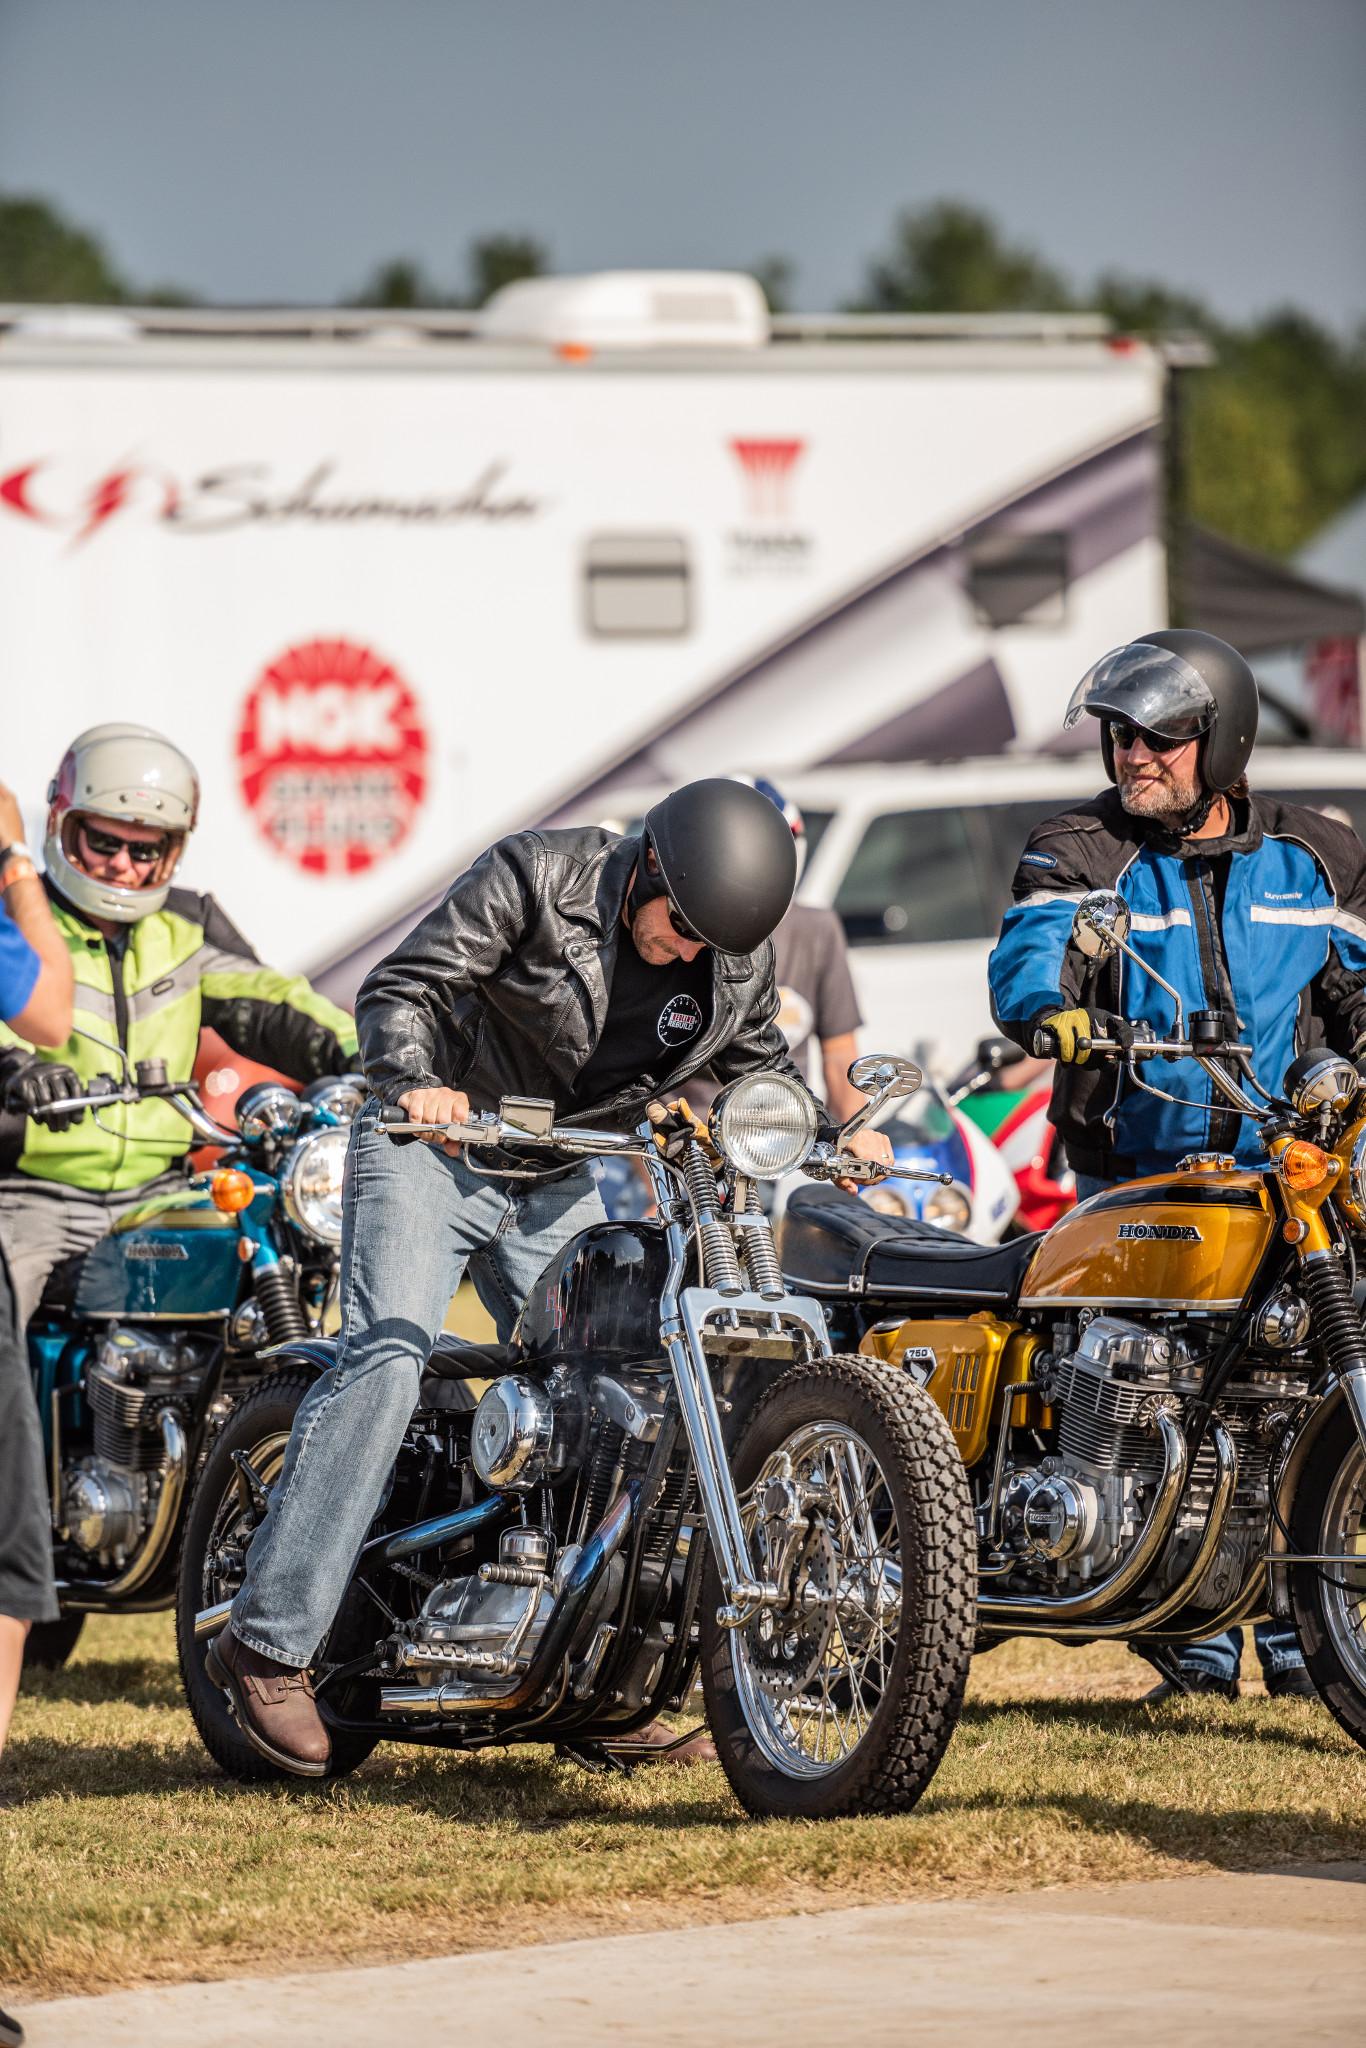 Hagerty Harley barber vintage motorsports